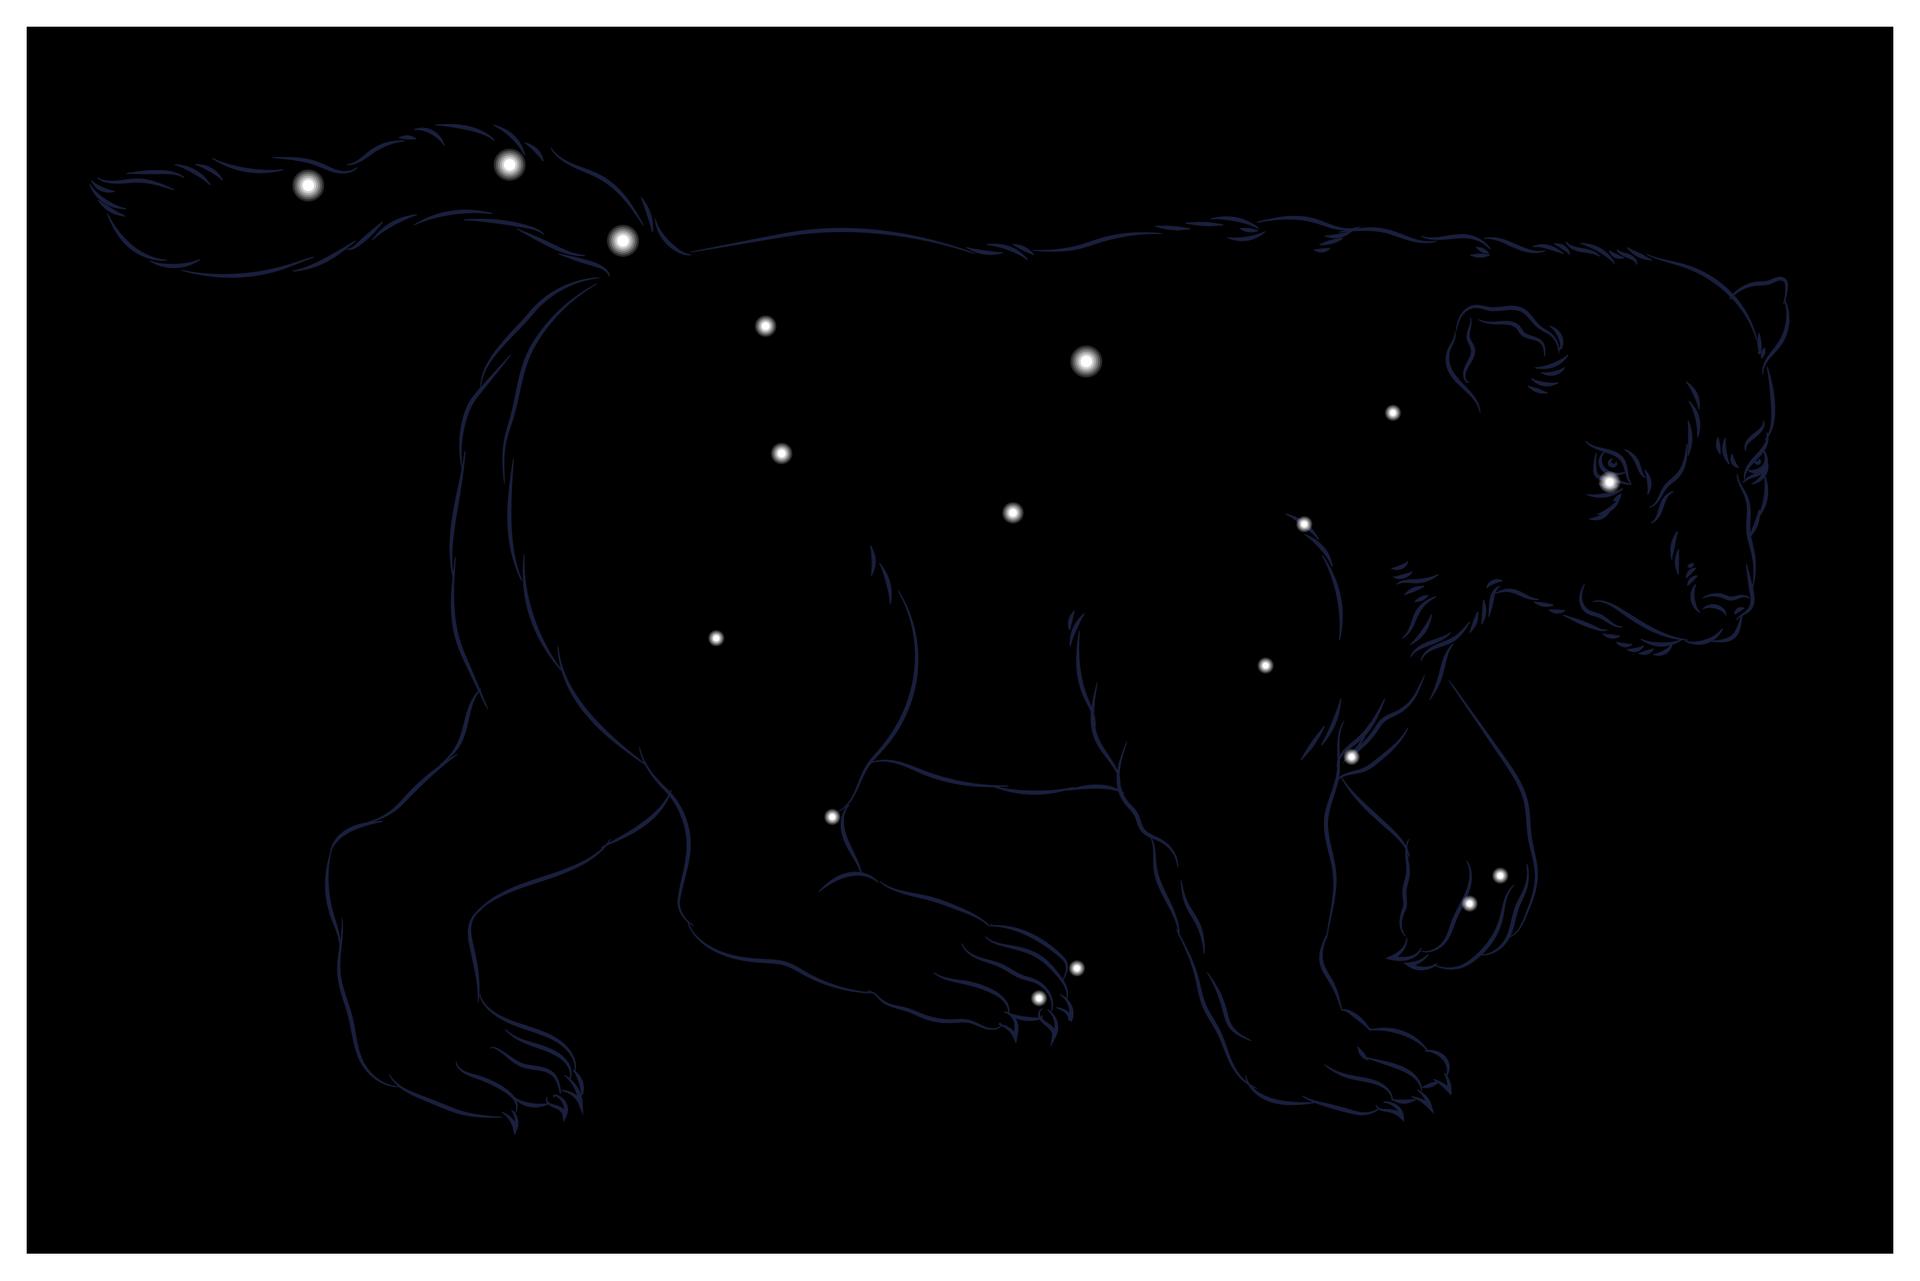 Ilustracja pokazuje gwiazdozbiór Wielkiej Niedźwiedzicy. Na czarnym tle widoczne białe punkty różnej wielkości. Punkty obrysowane są niebieską linią okształcie niedźwiedzia.